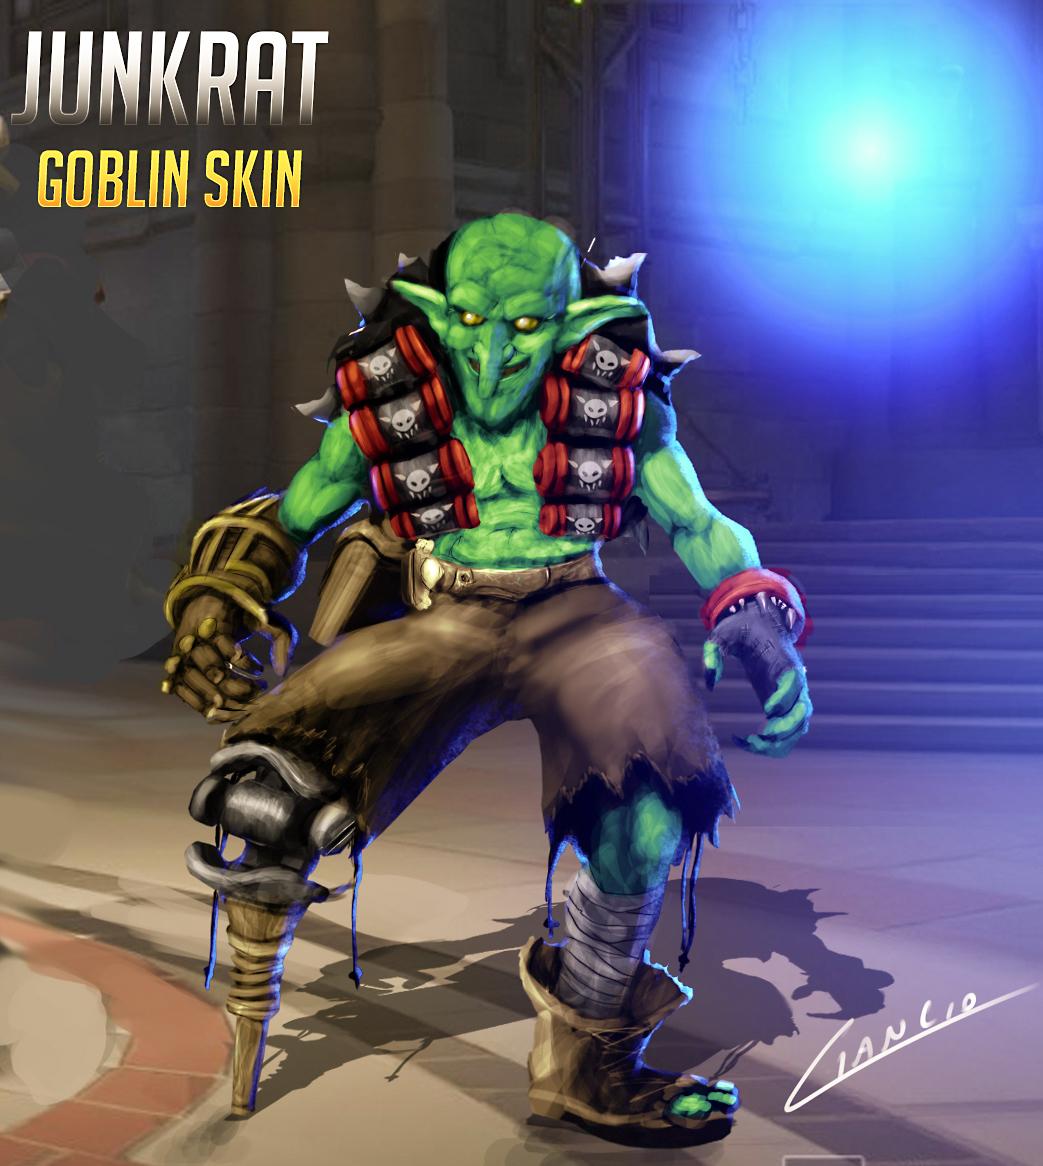 Junkrat - Goblin Skin